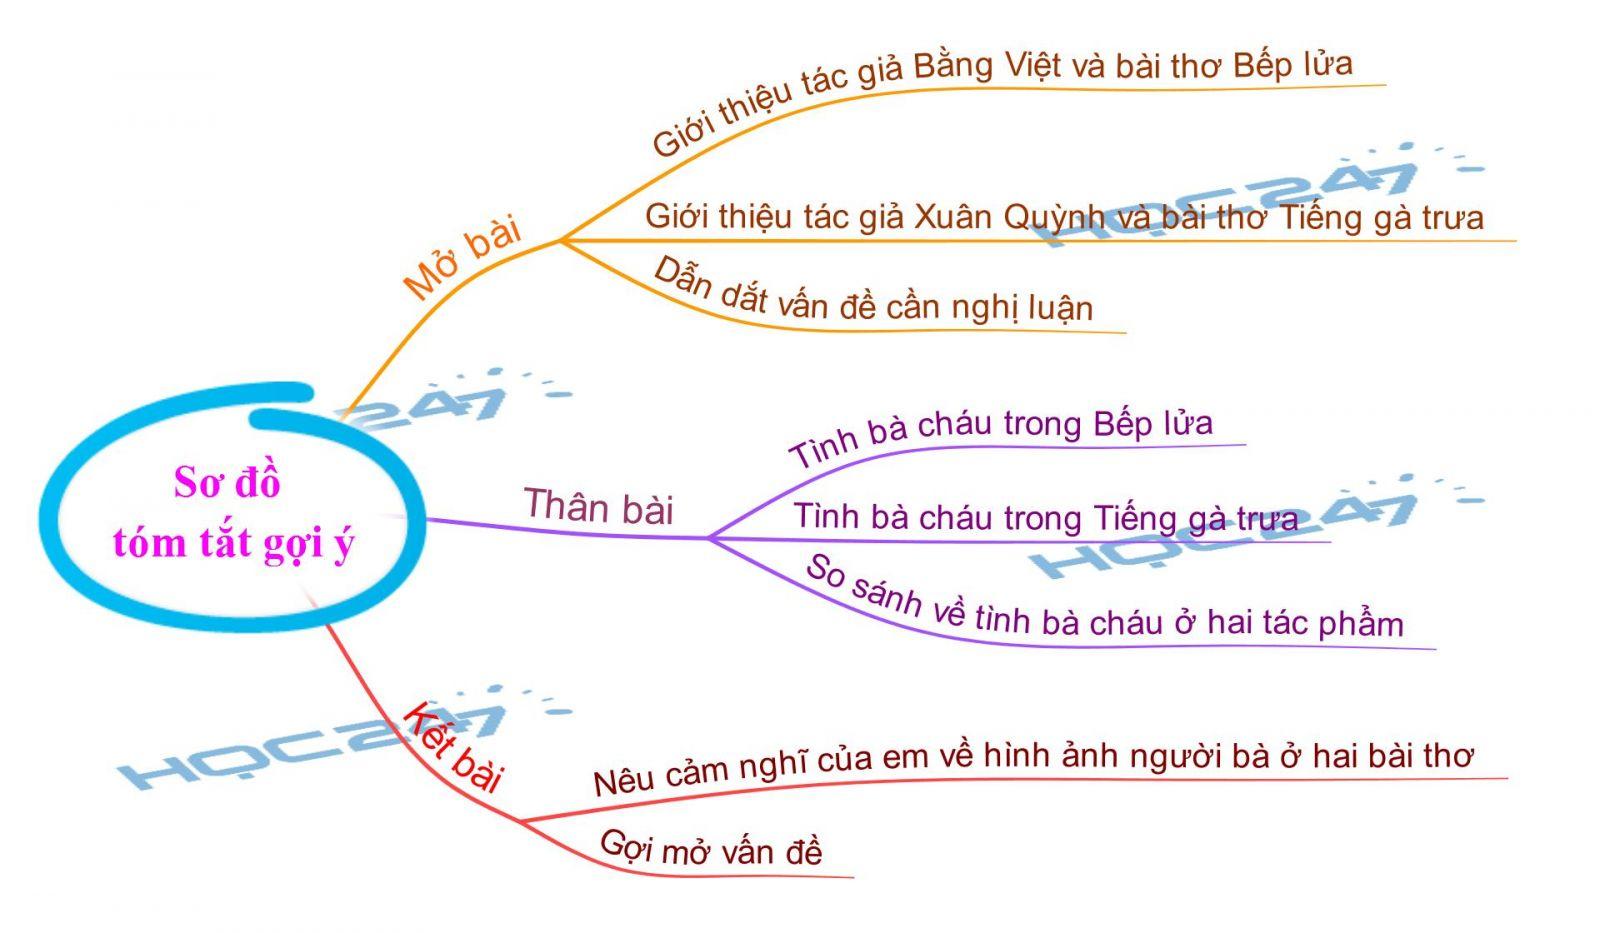 B. Dàn bài chi tiết. 1. Mở bài. Giới thiệu tác giả Bằng Việt và bài thơ Bếp lửa ...